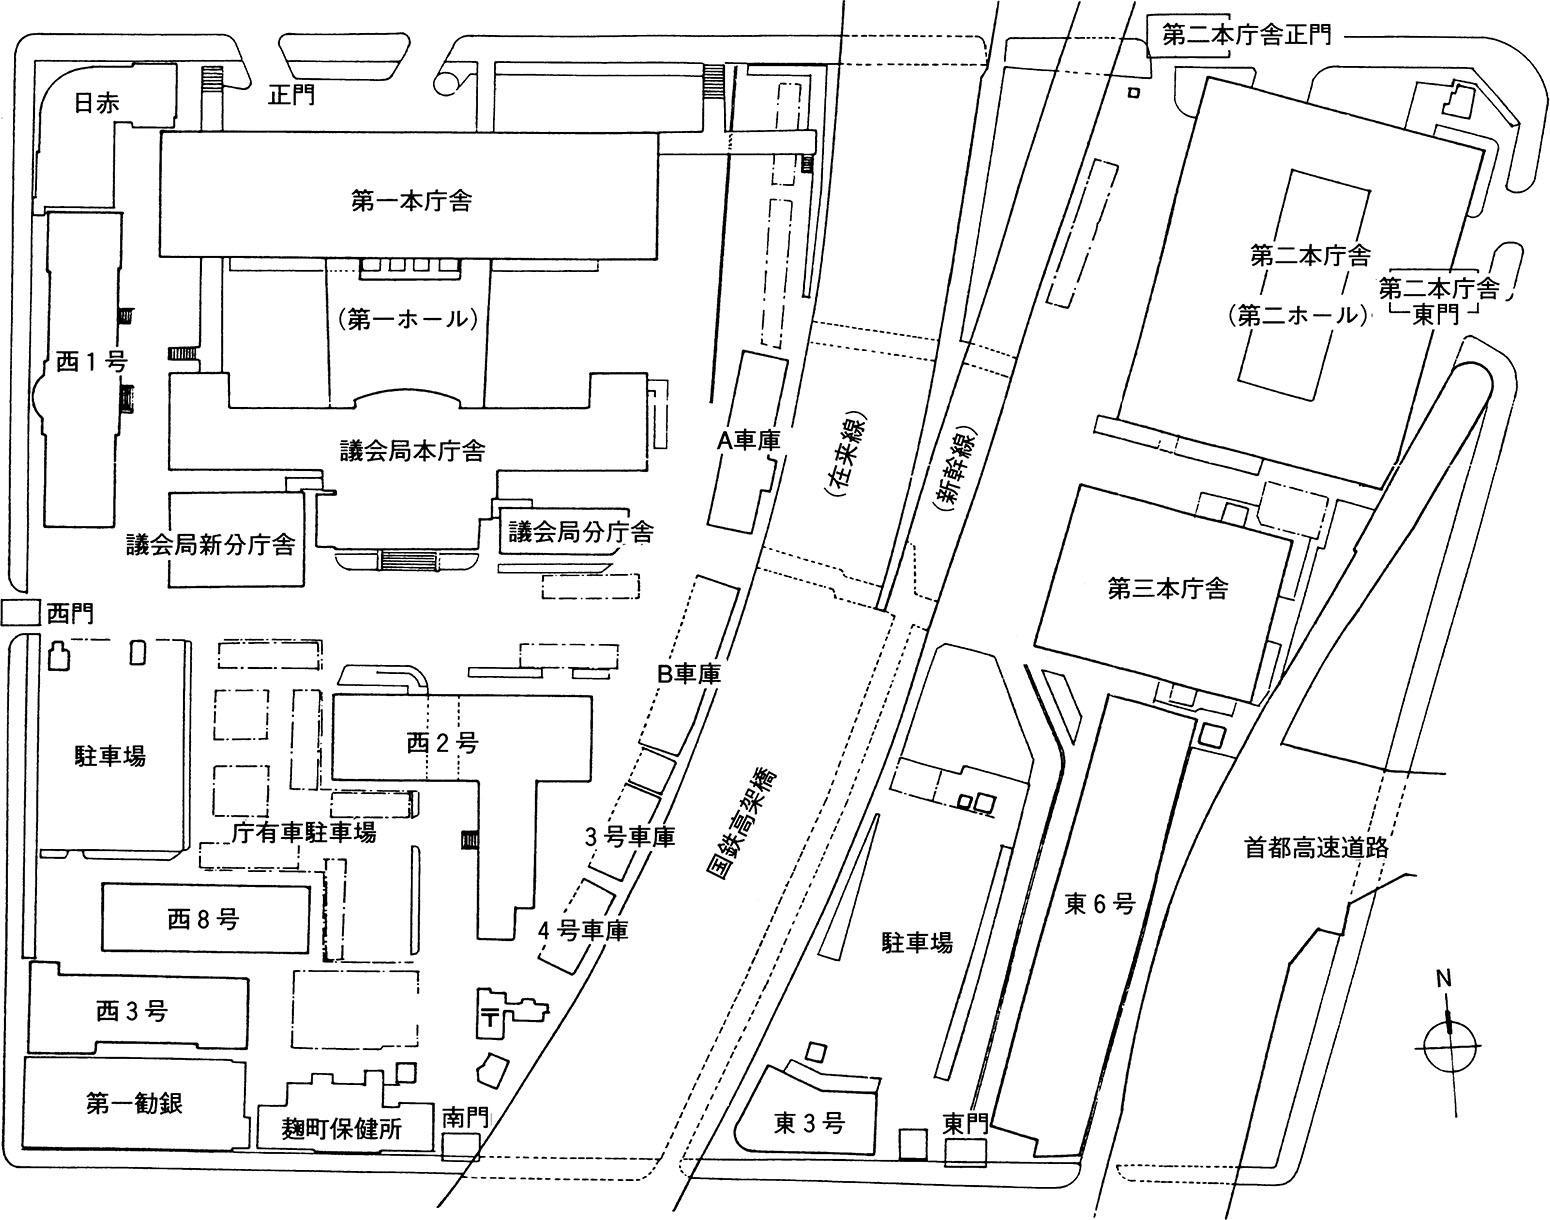 旧都庁舎の分散状況(1984年10月現在)